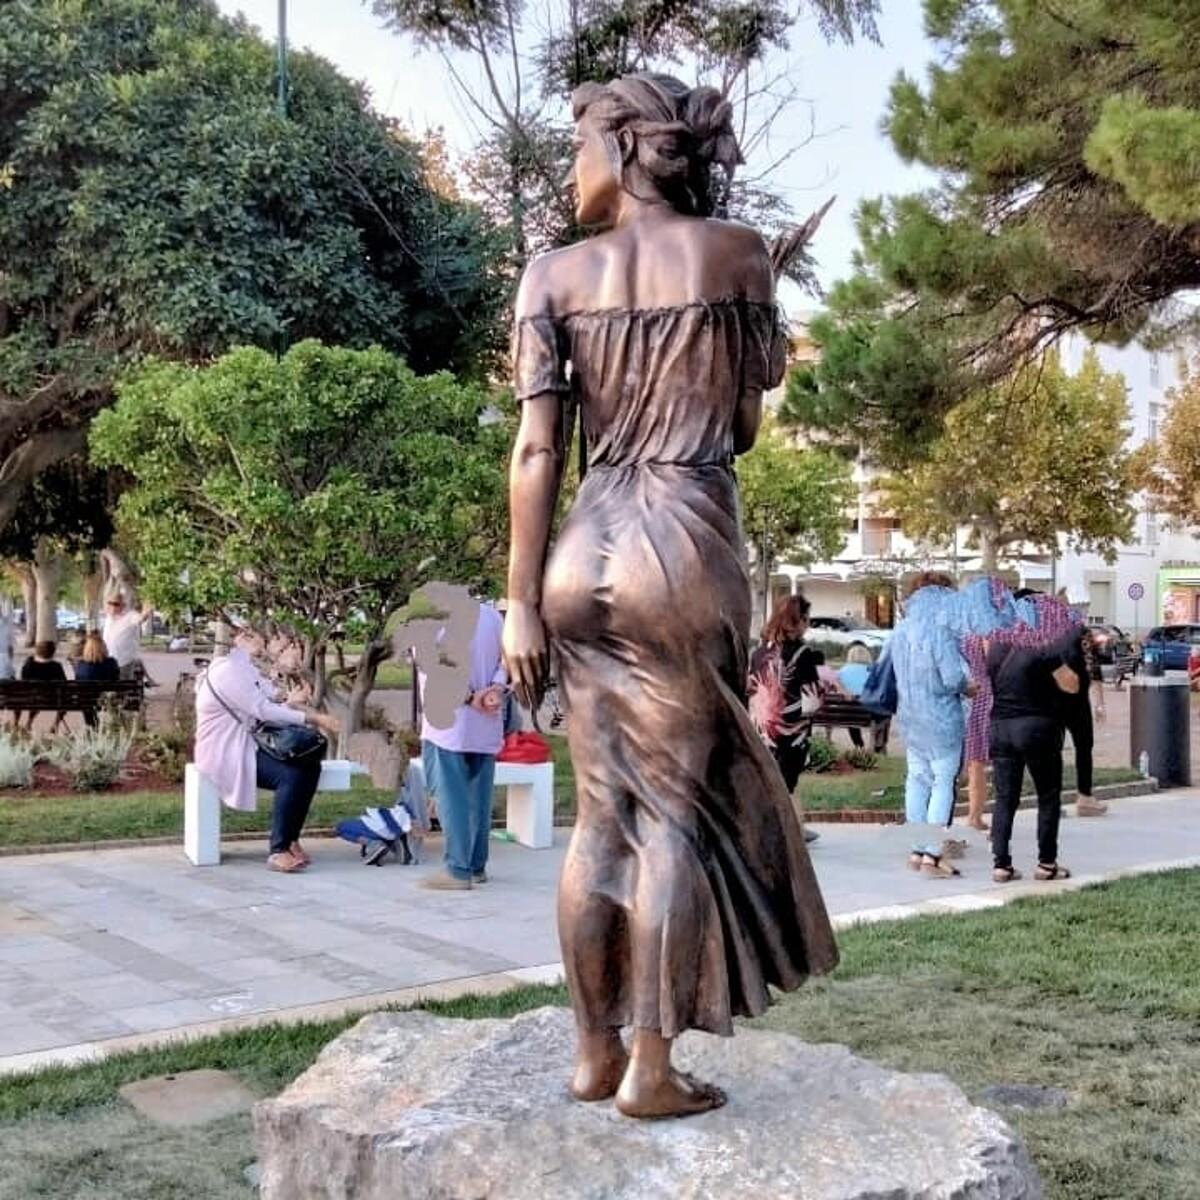 """""""Schiaffo sessista"""": la nuova Spigolatrice di Sapri suscita polemiche a livello nazionale, il sindaco e l'artista rispondono"""